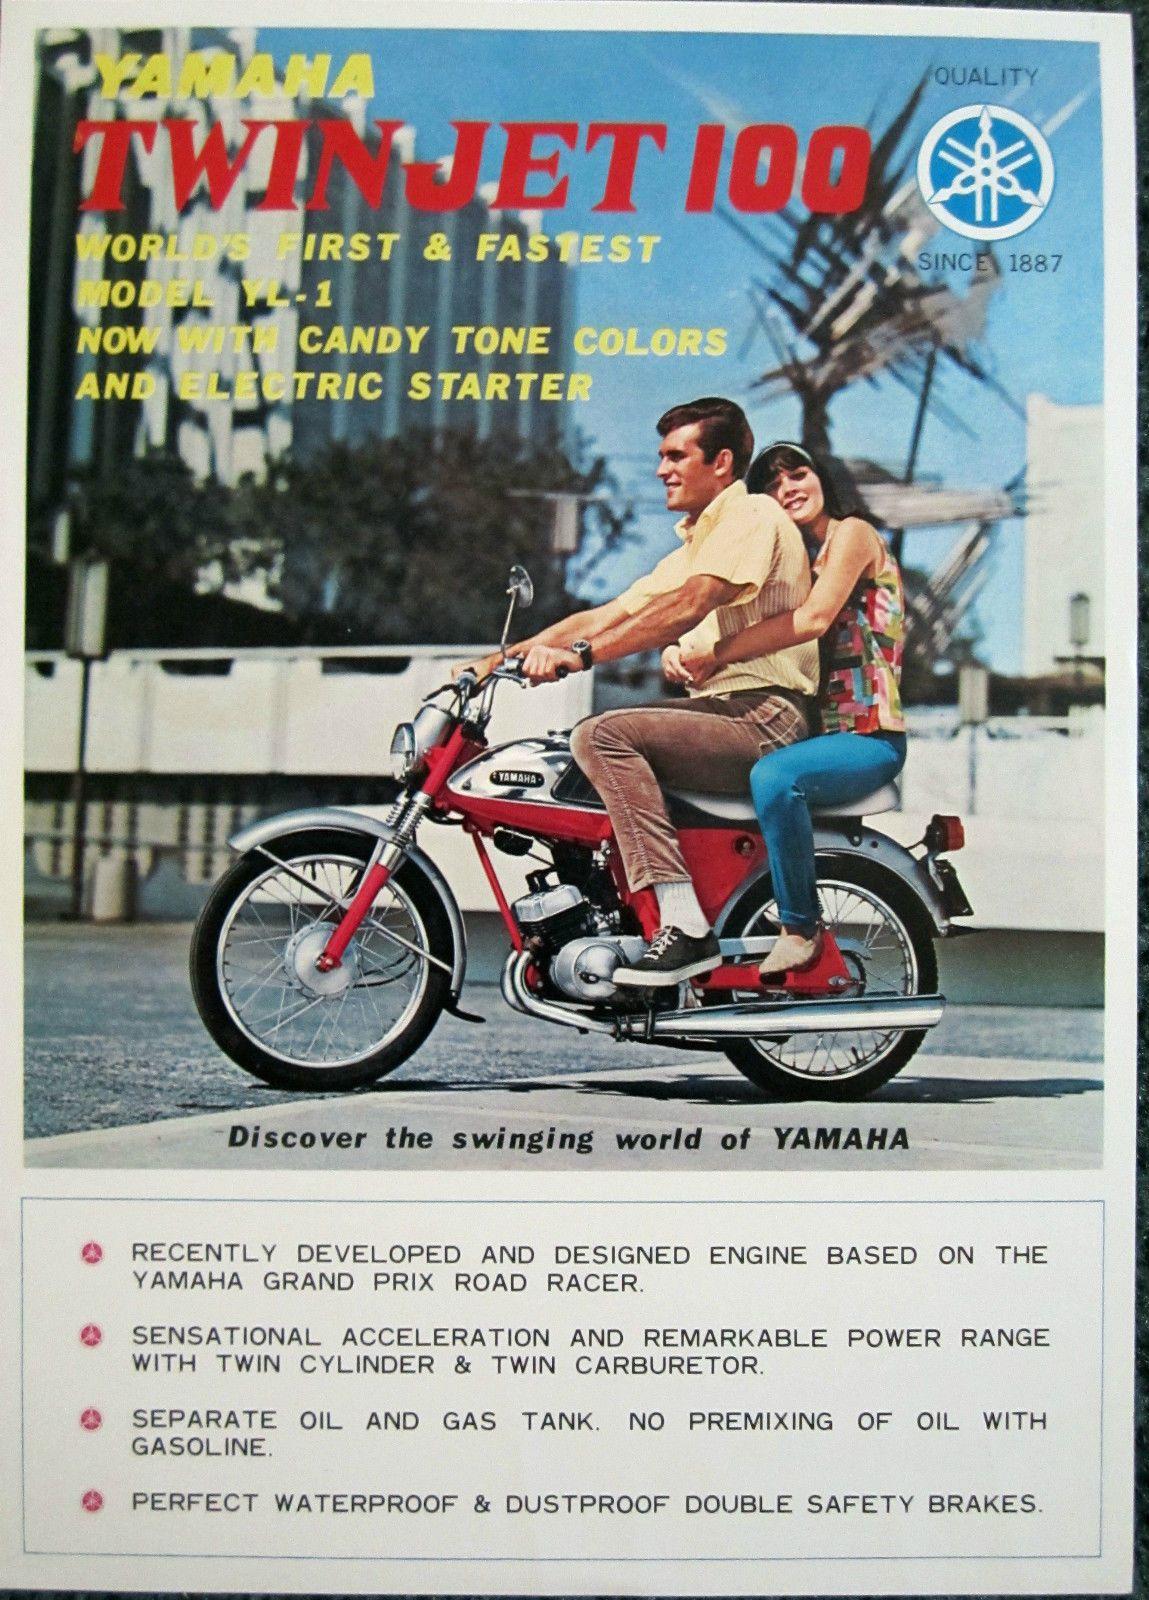 Vintage Dealer Sales Brochure for Yamaha YL1 YL 1 Twin Jet 100 ...